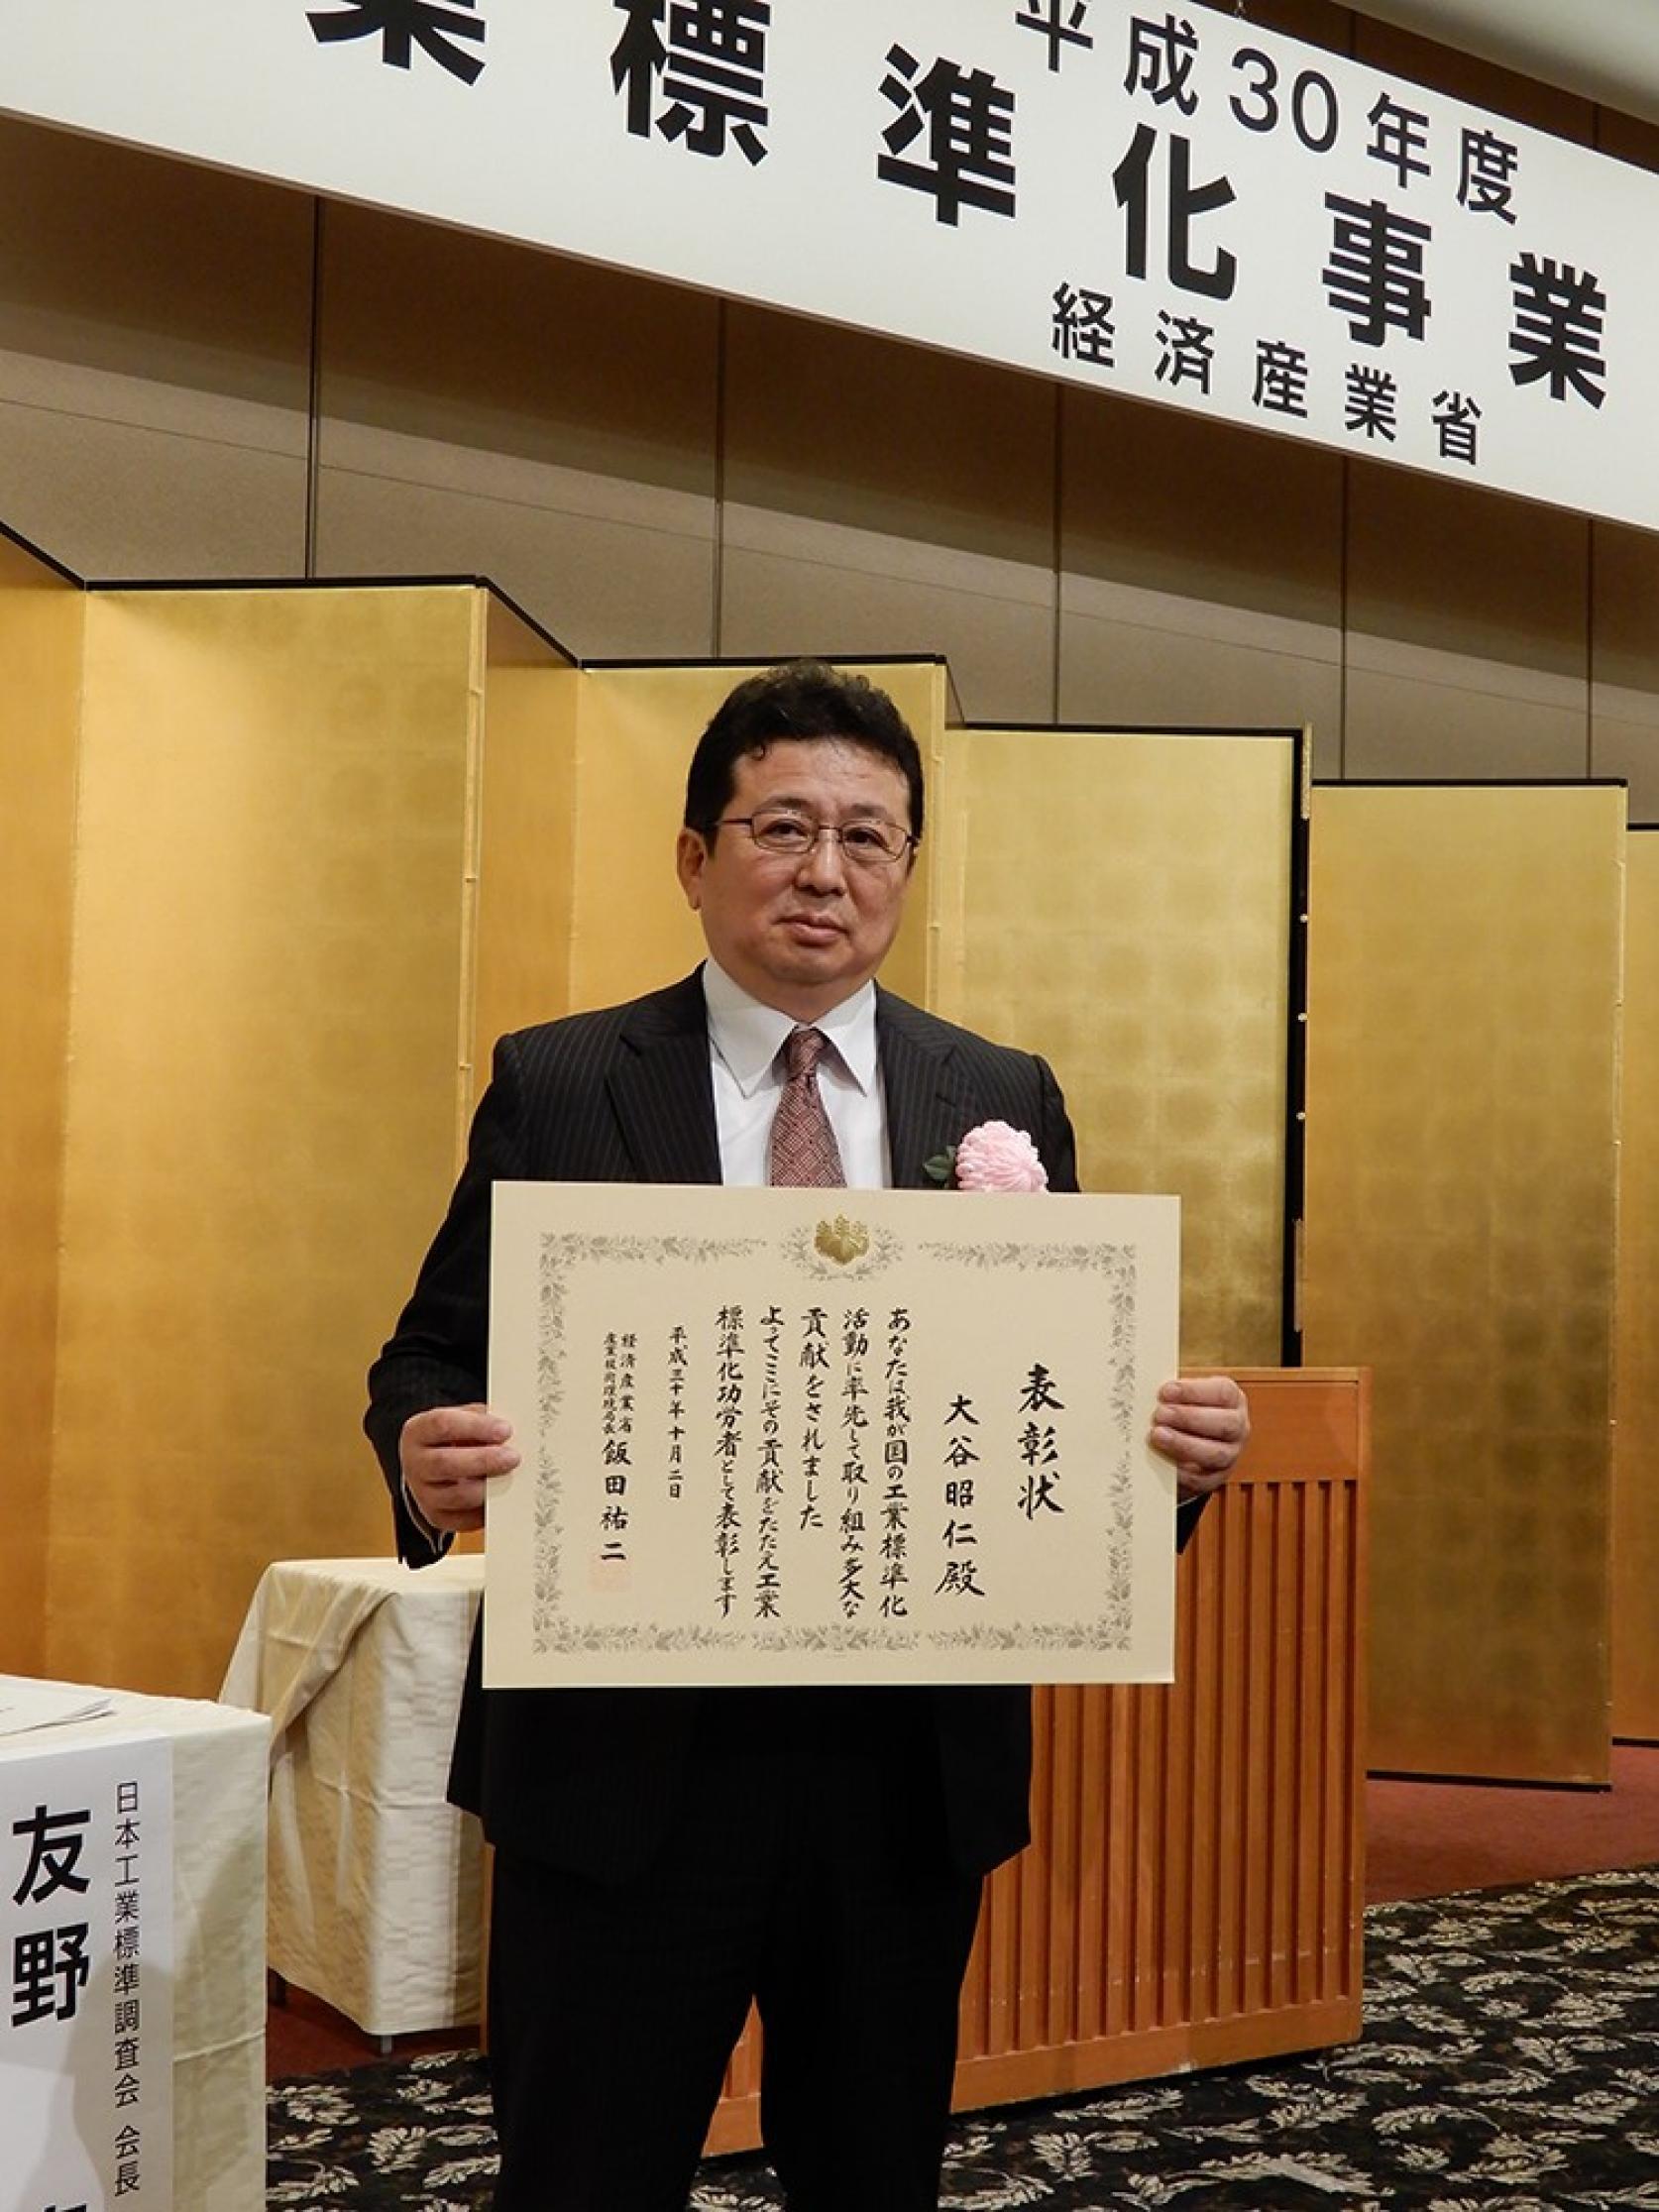 電子工学科 大谷昭仁教授が経済産業省が主催する工業標準化表彰式にて、産業技術環境局長賞を受賞しました。